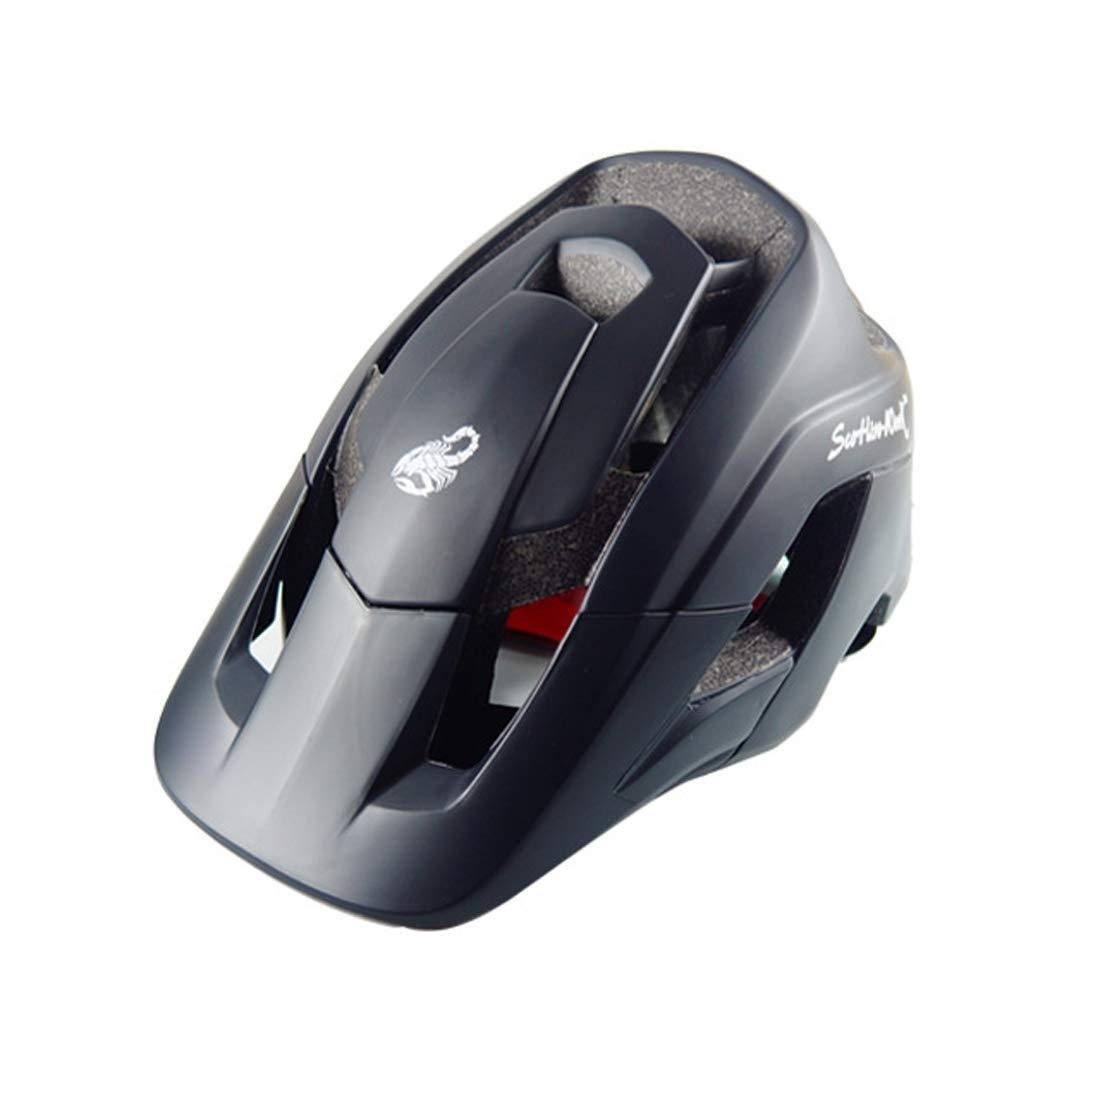 LIJIAN サイズ:M、頭の長さ:54-58 cm、スポーツ用マウンテンバイク用保護ヘルメット (色 : ブラック)  ブラック B07Q82HPG8